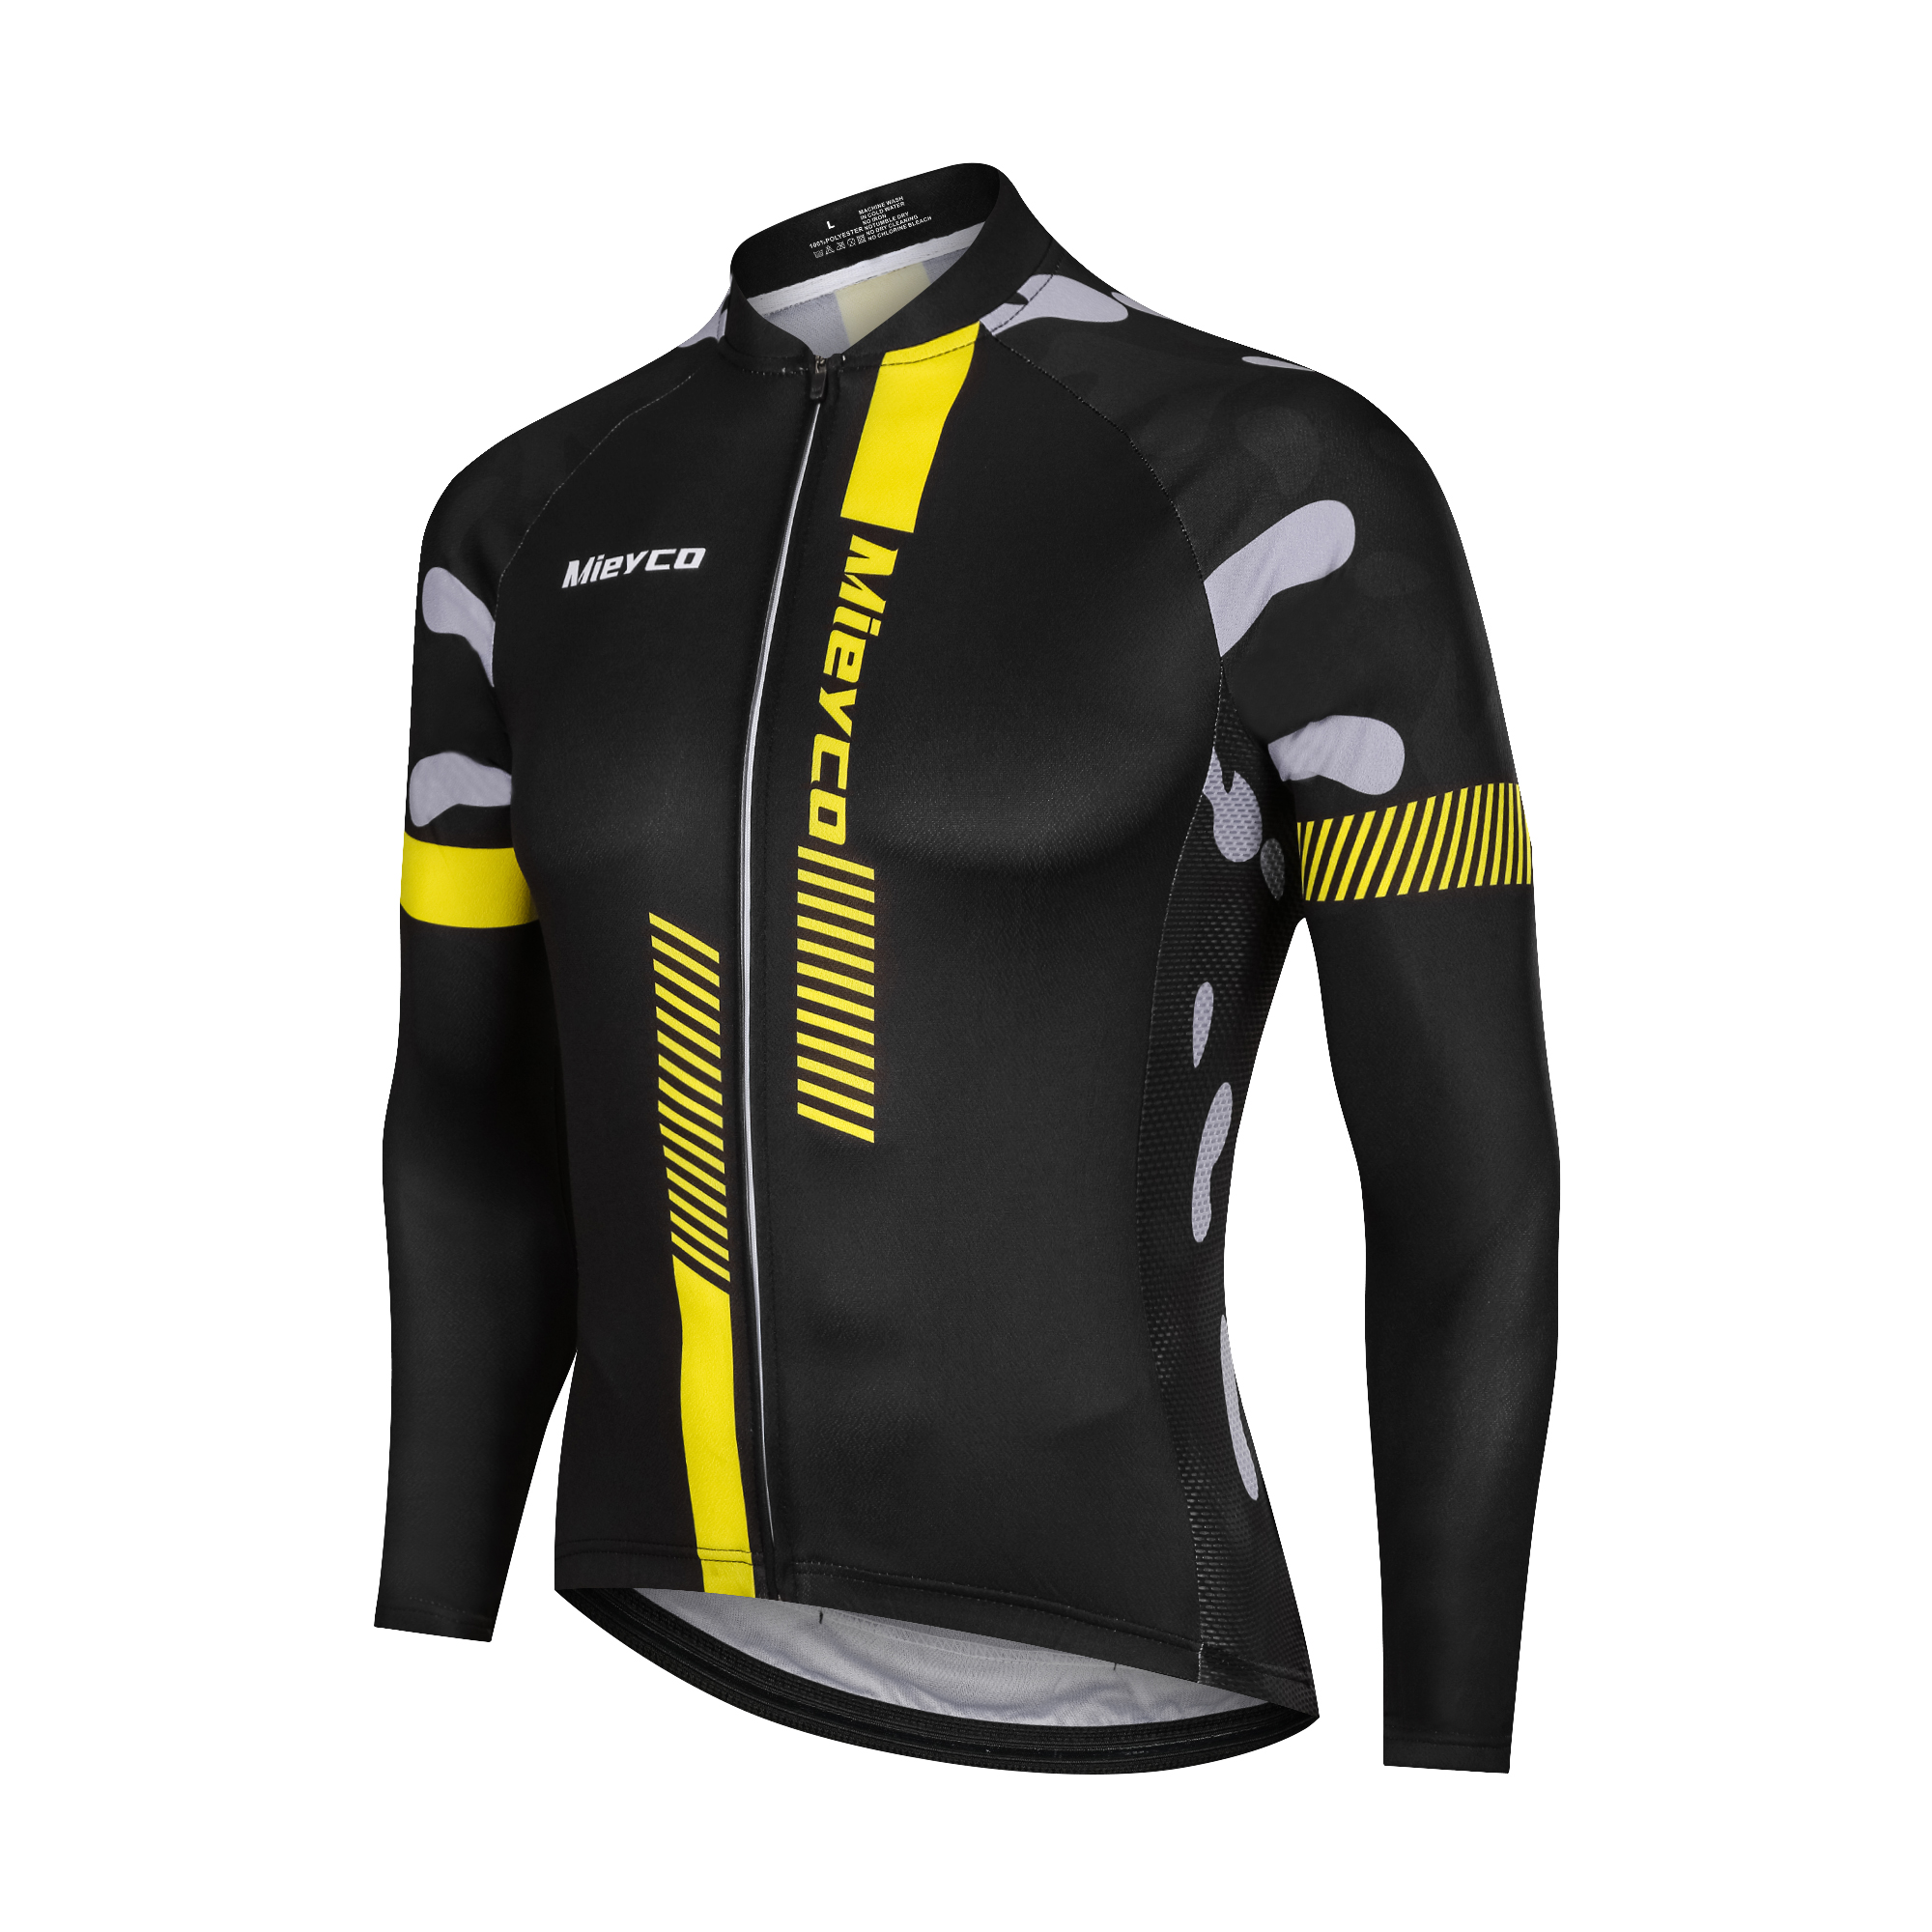 2020 Мужская Велоспорт Джерси с длинными рукавами высокое упругий велосипед рубашки, детские футболки на осень и весну, велосипедная Одежда Т...